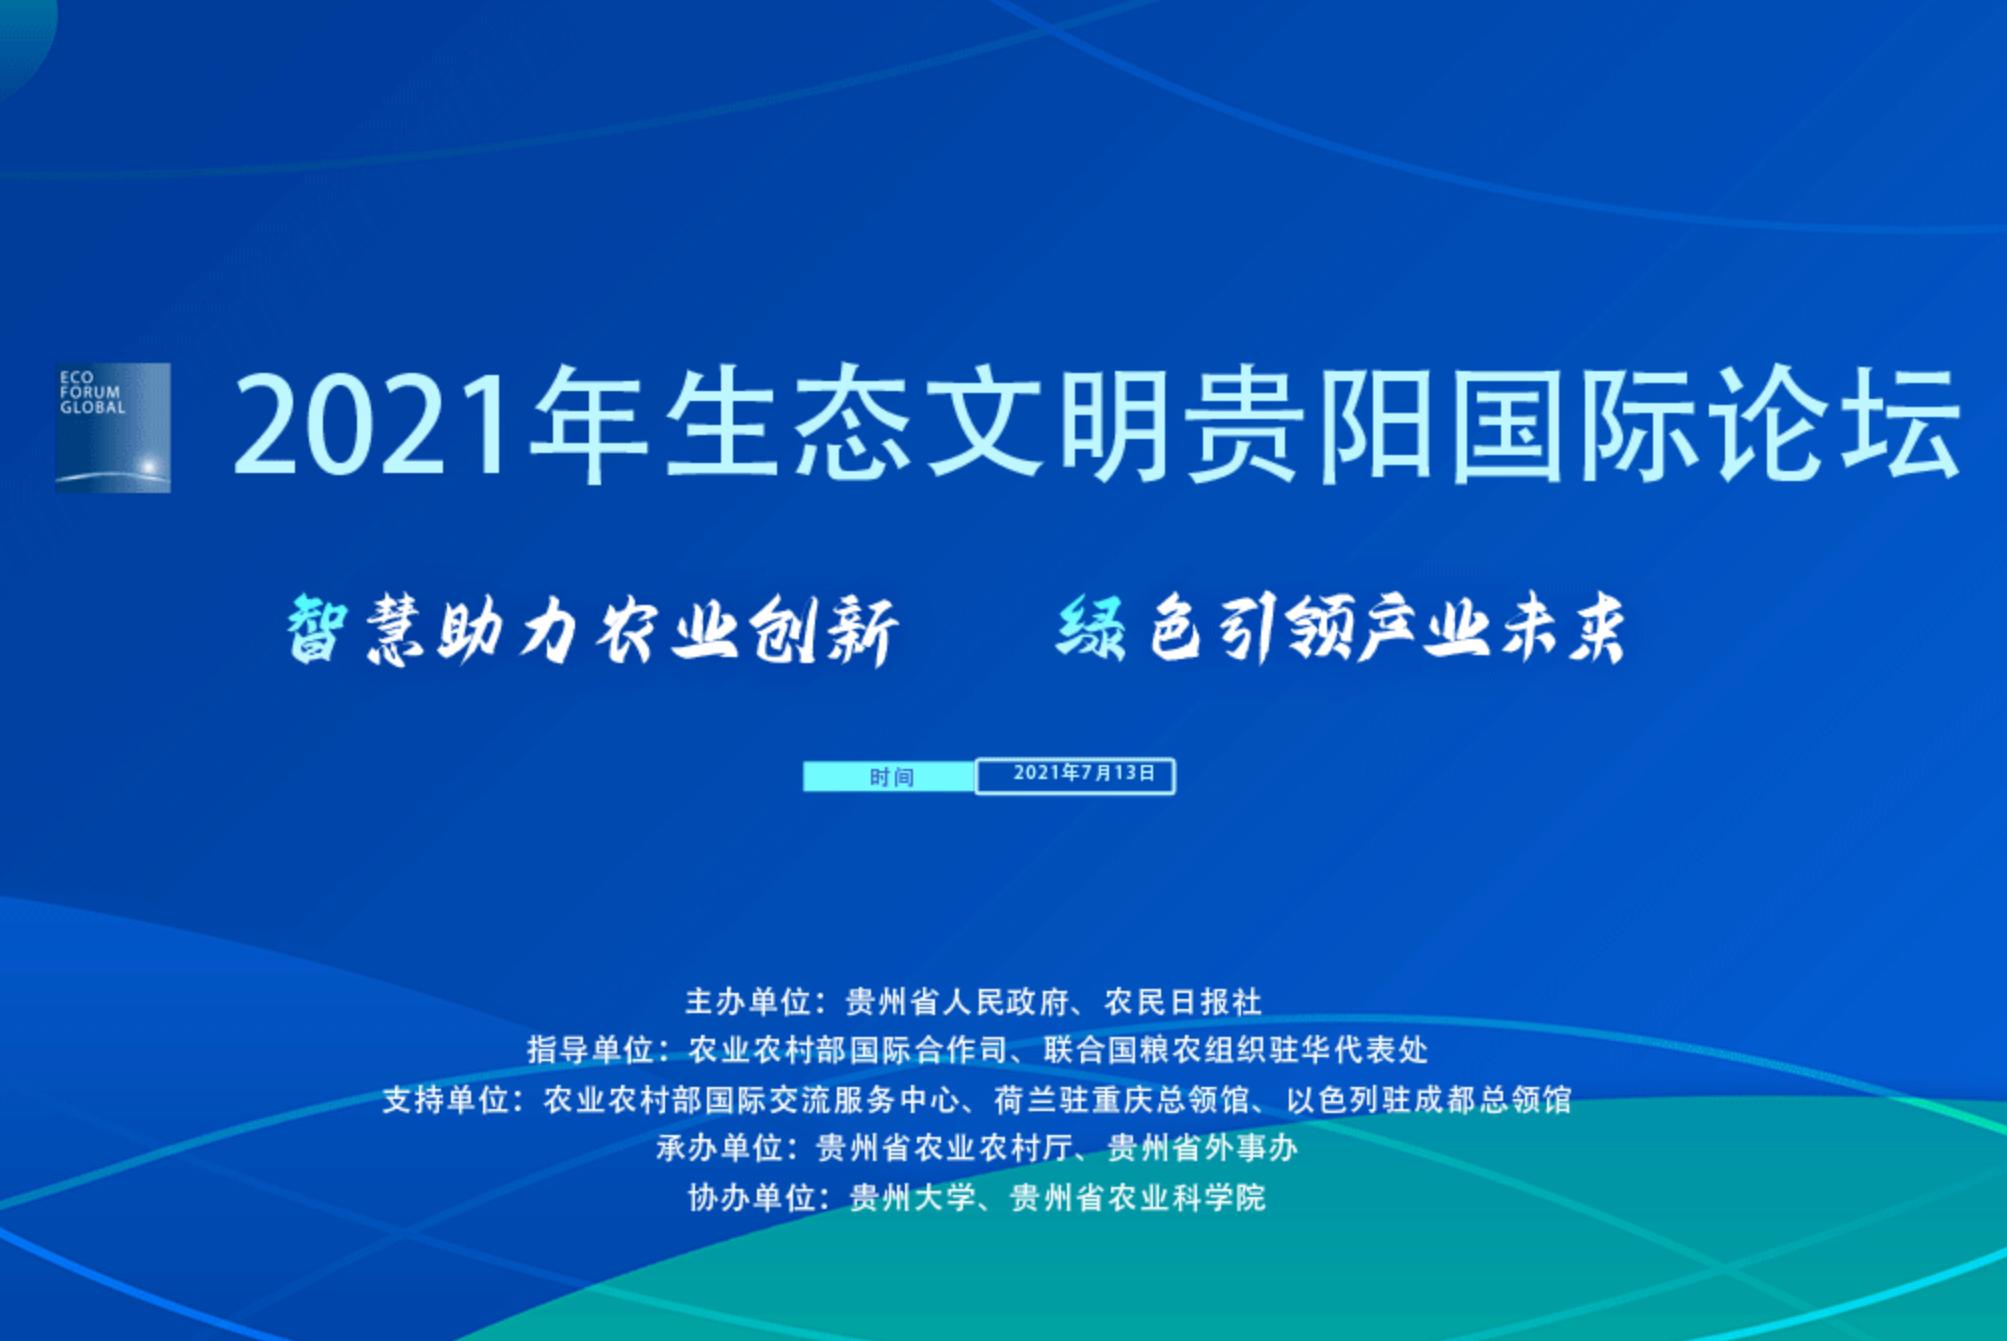 2021年生态文明贵阳国际论坛